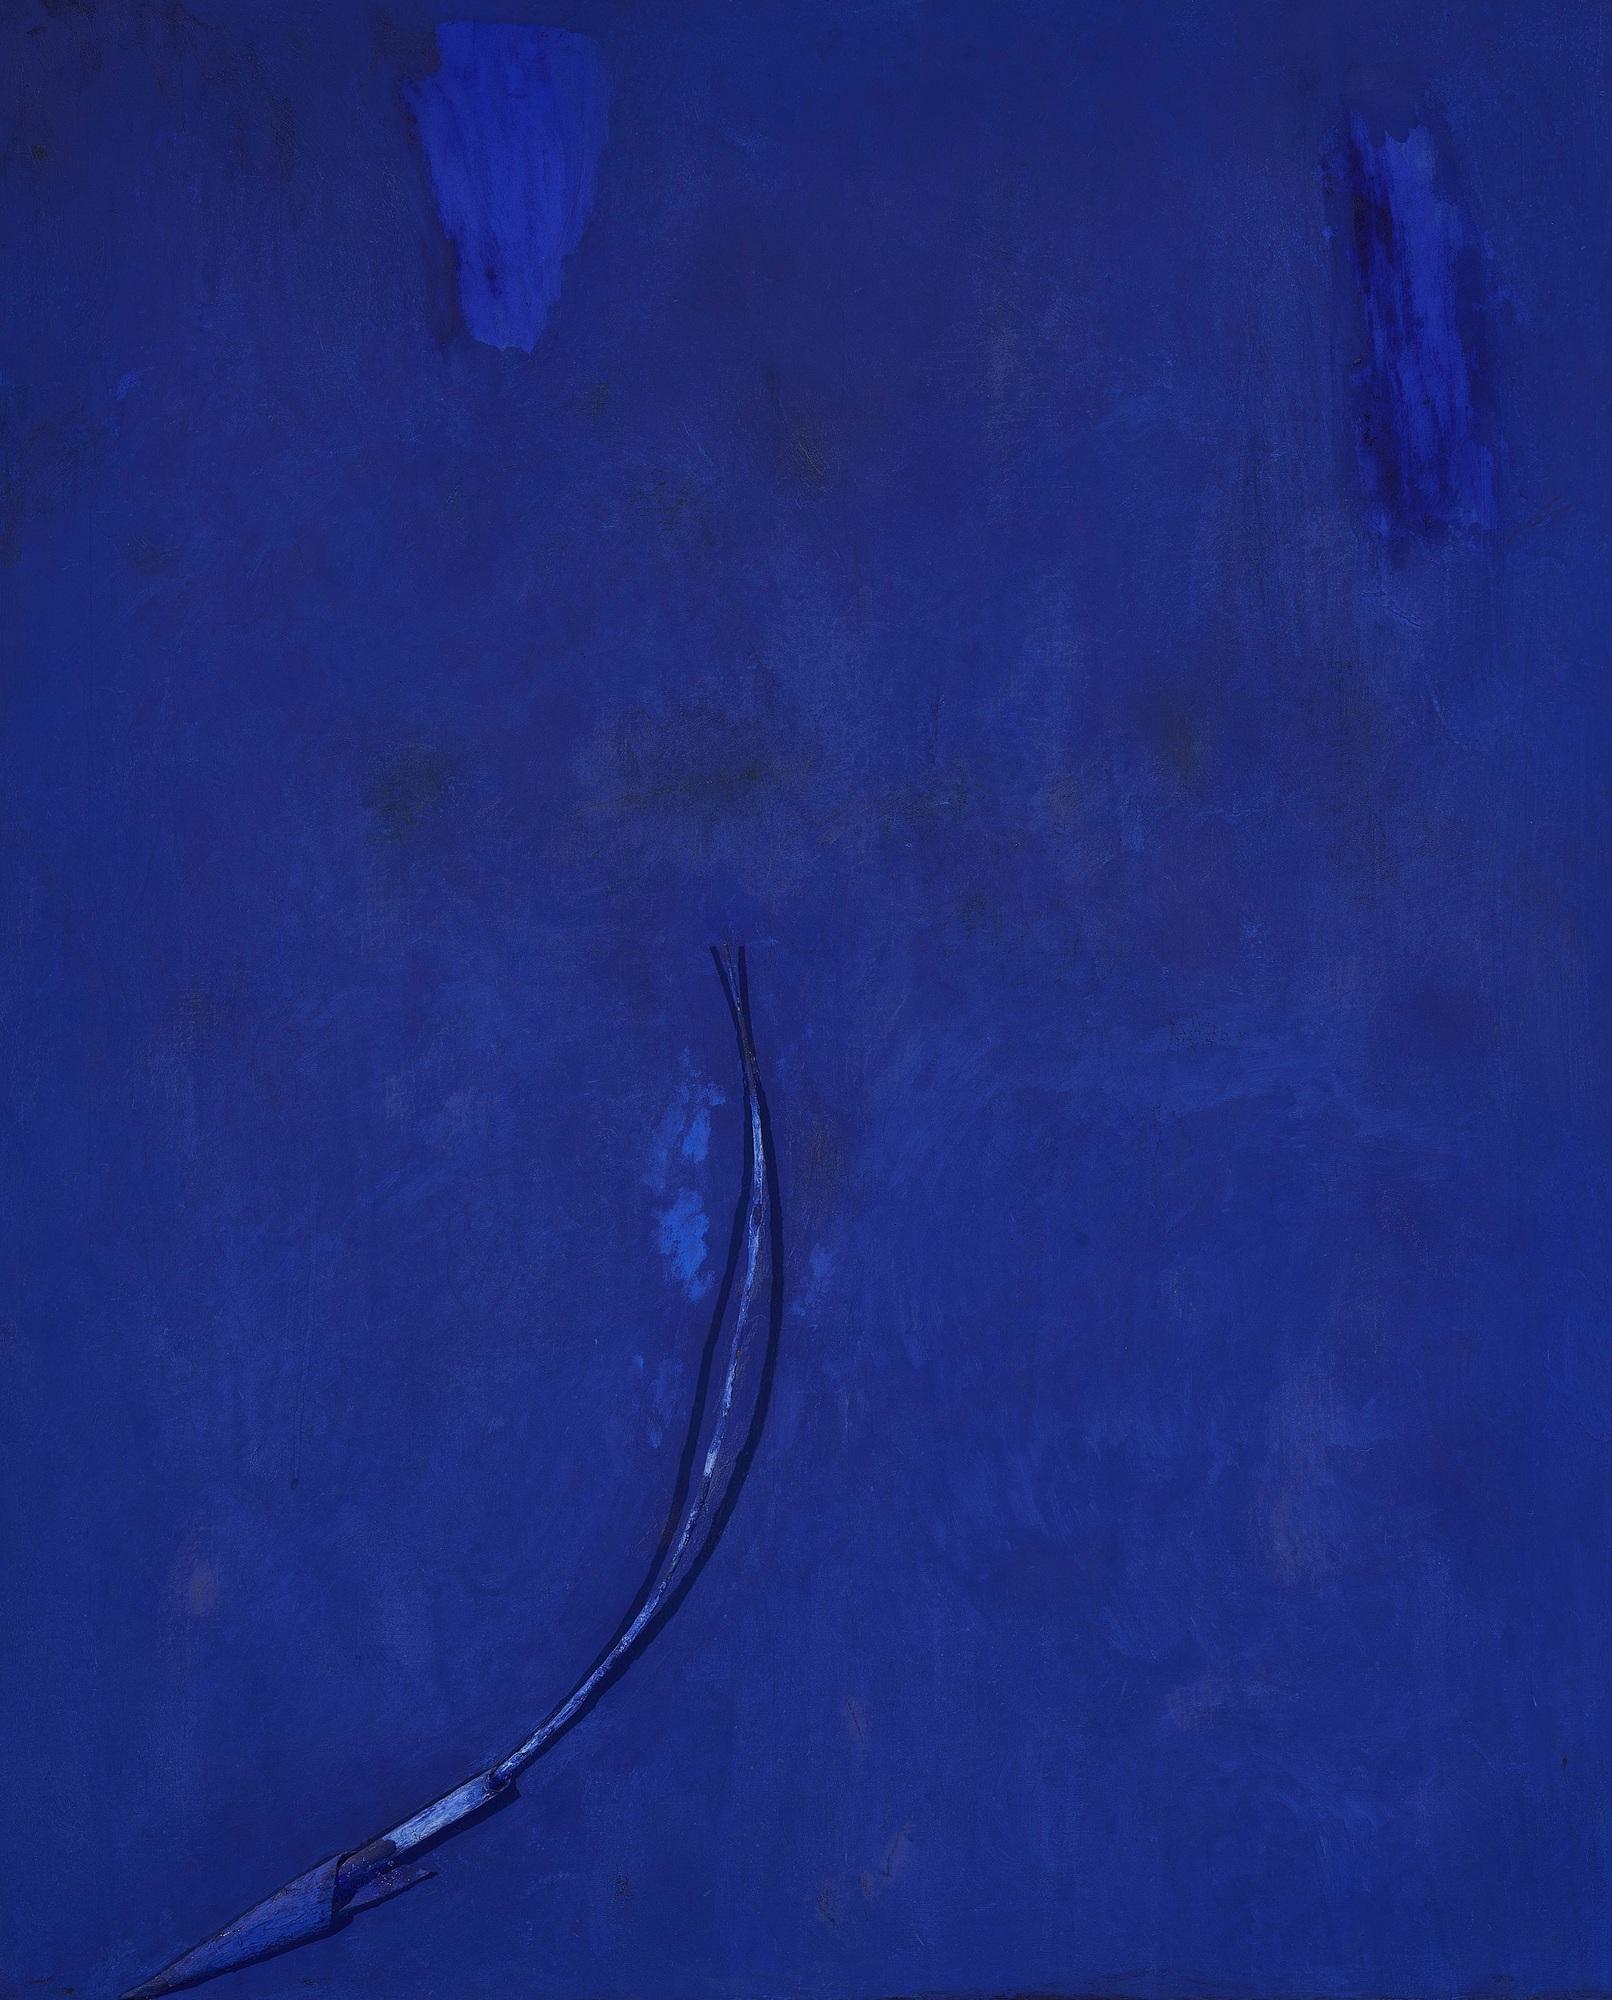 Paladino Mimmo, Blu Notturno